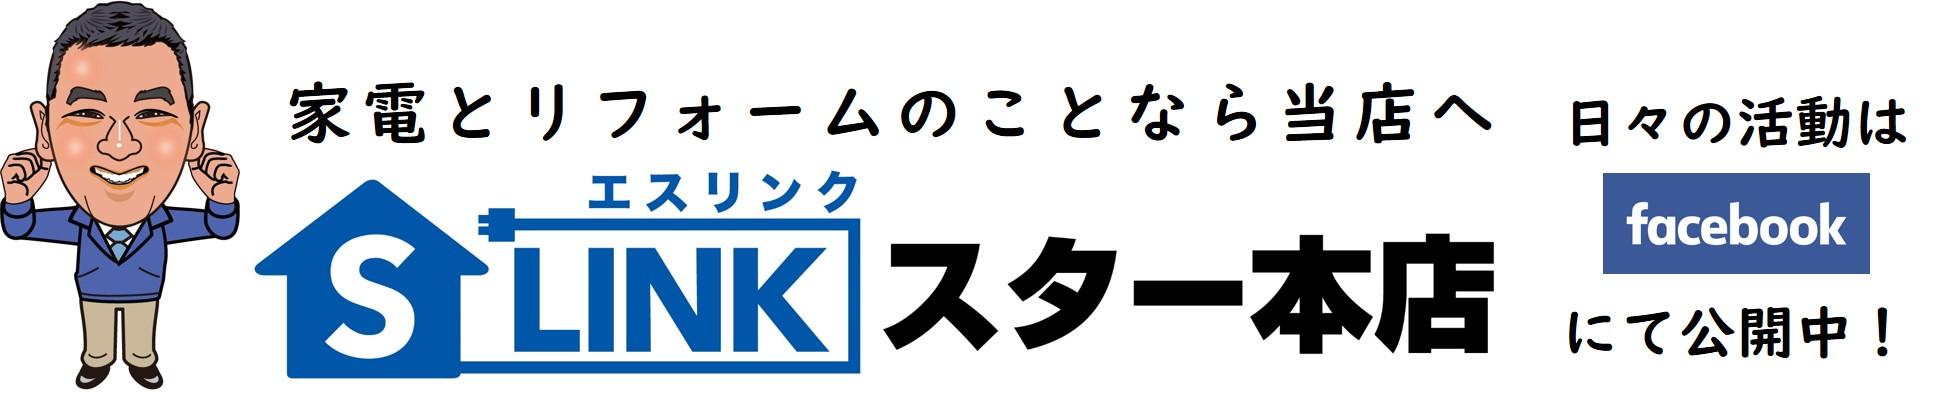 埼玉県さいたま市岩槻区の電気屋さん S-LINKスター本店(株式会社スター電器)